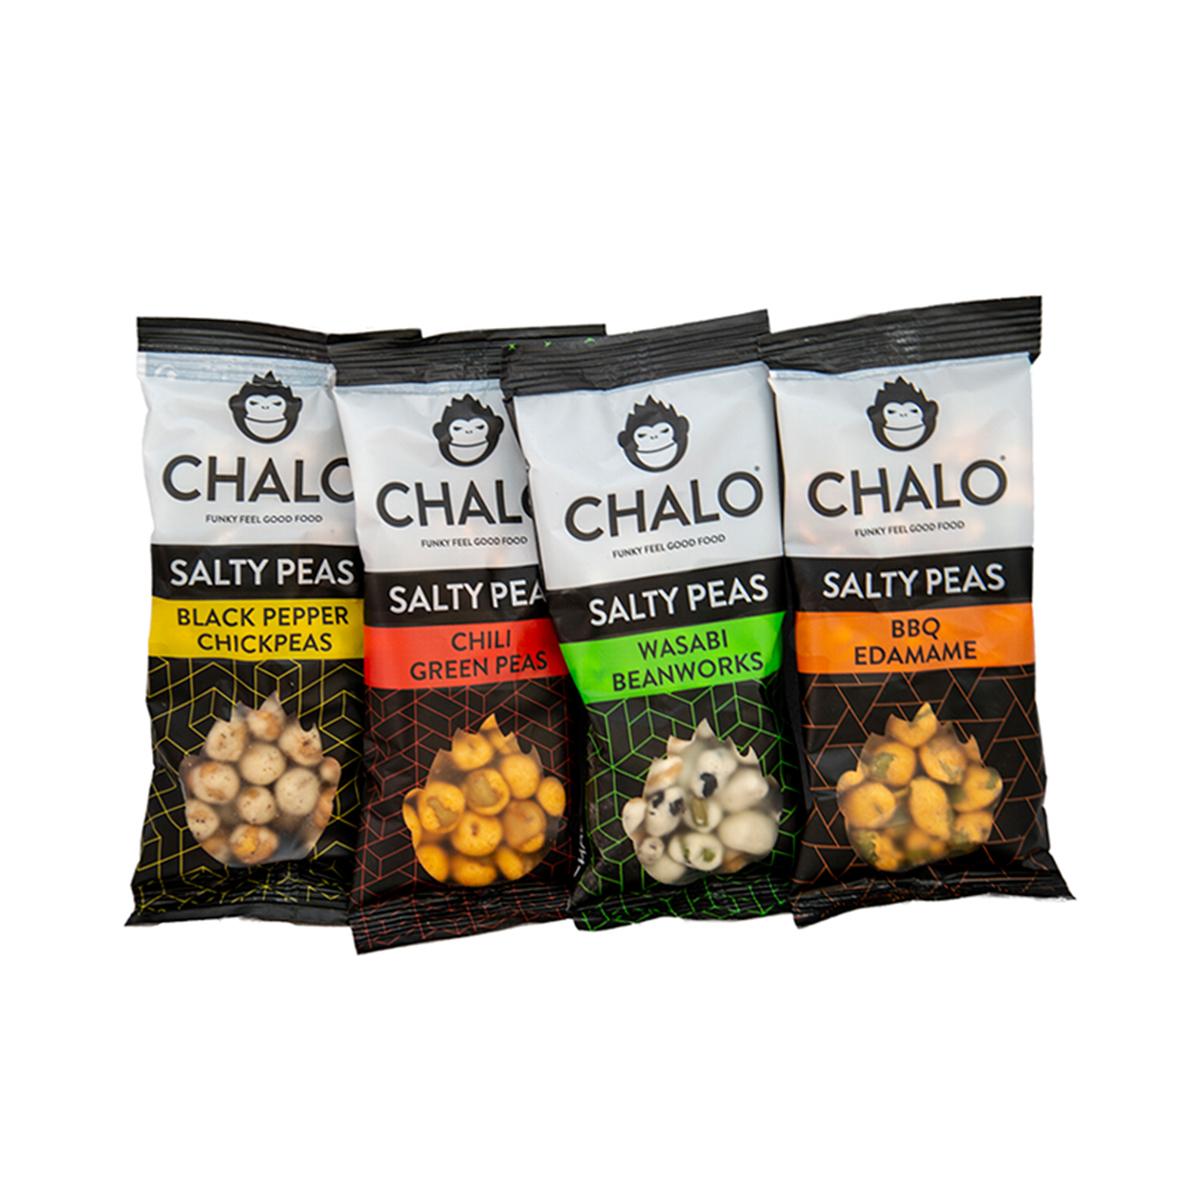 Salty Peas savory snack